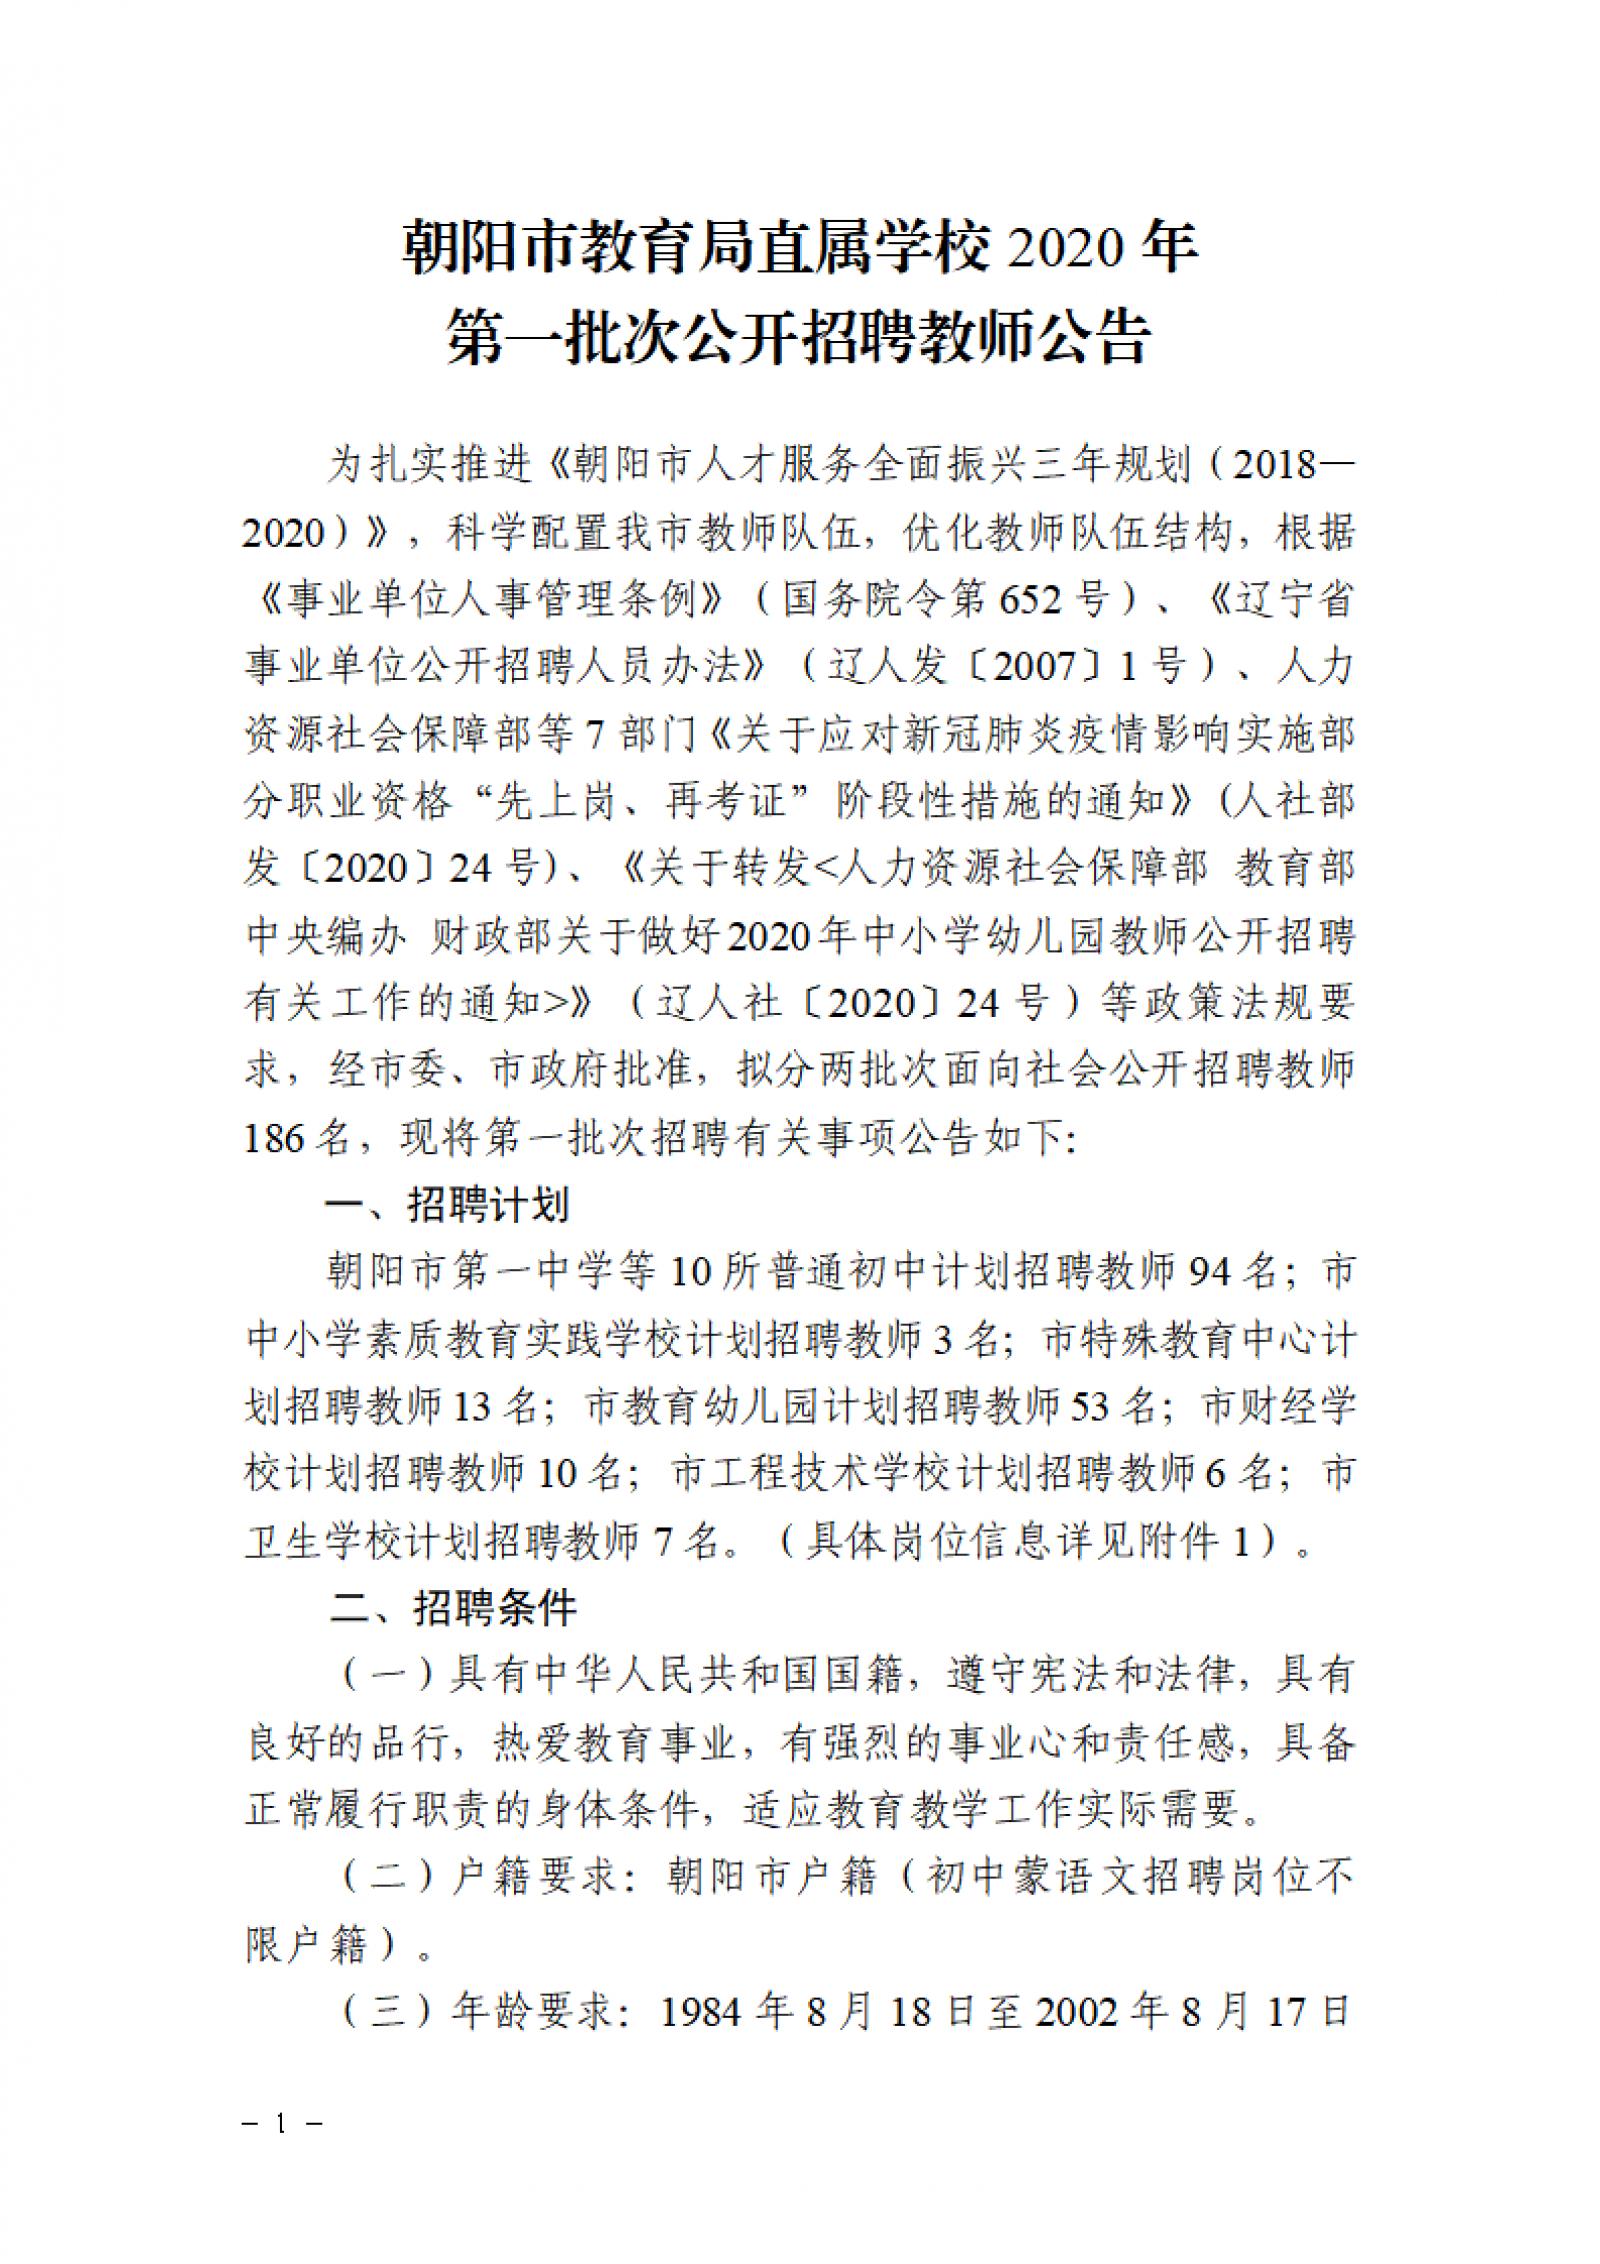 2020年朝阳市教育局直属学校第一批次招聘教师公告